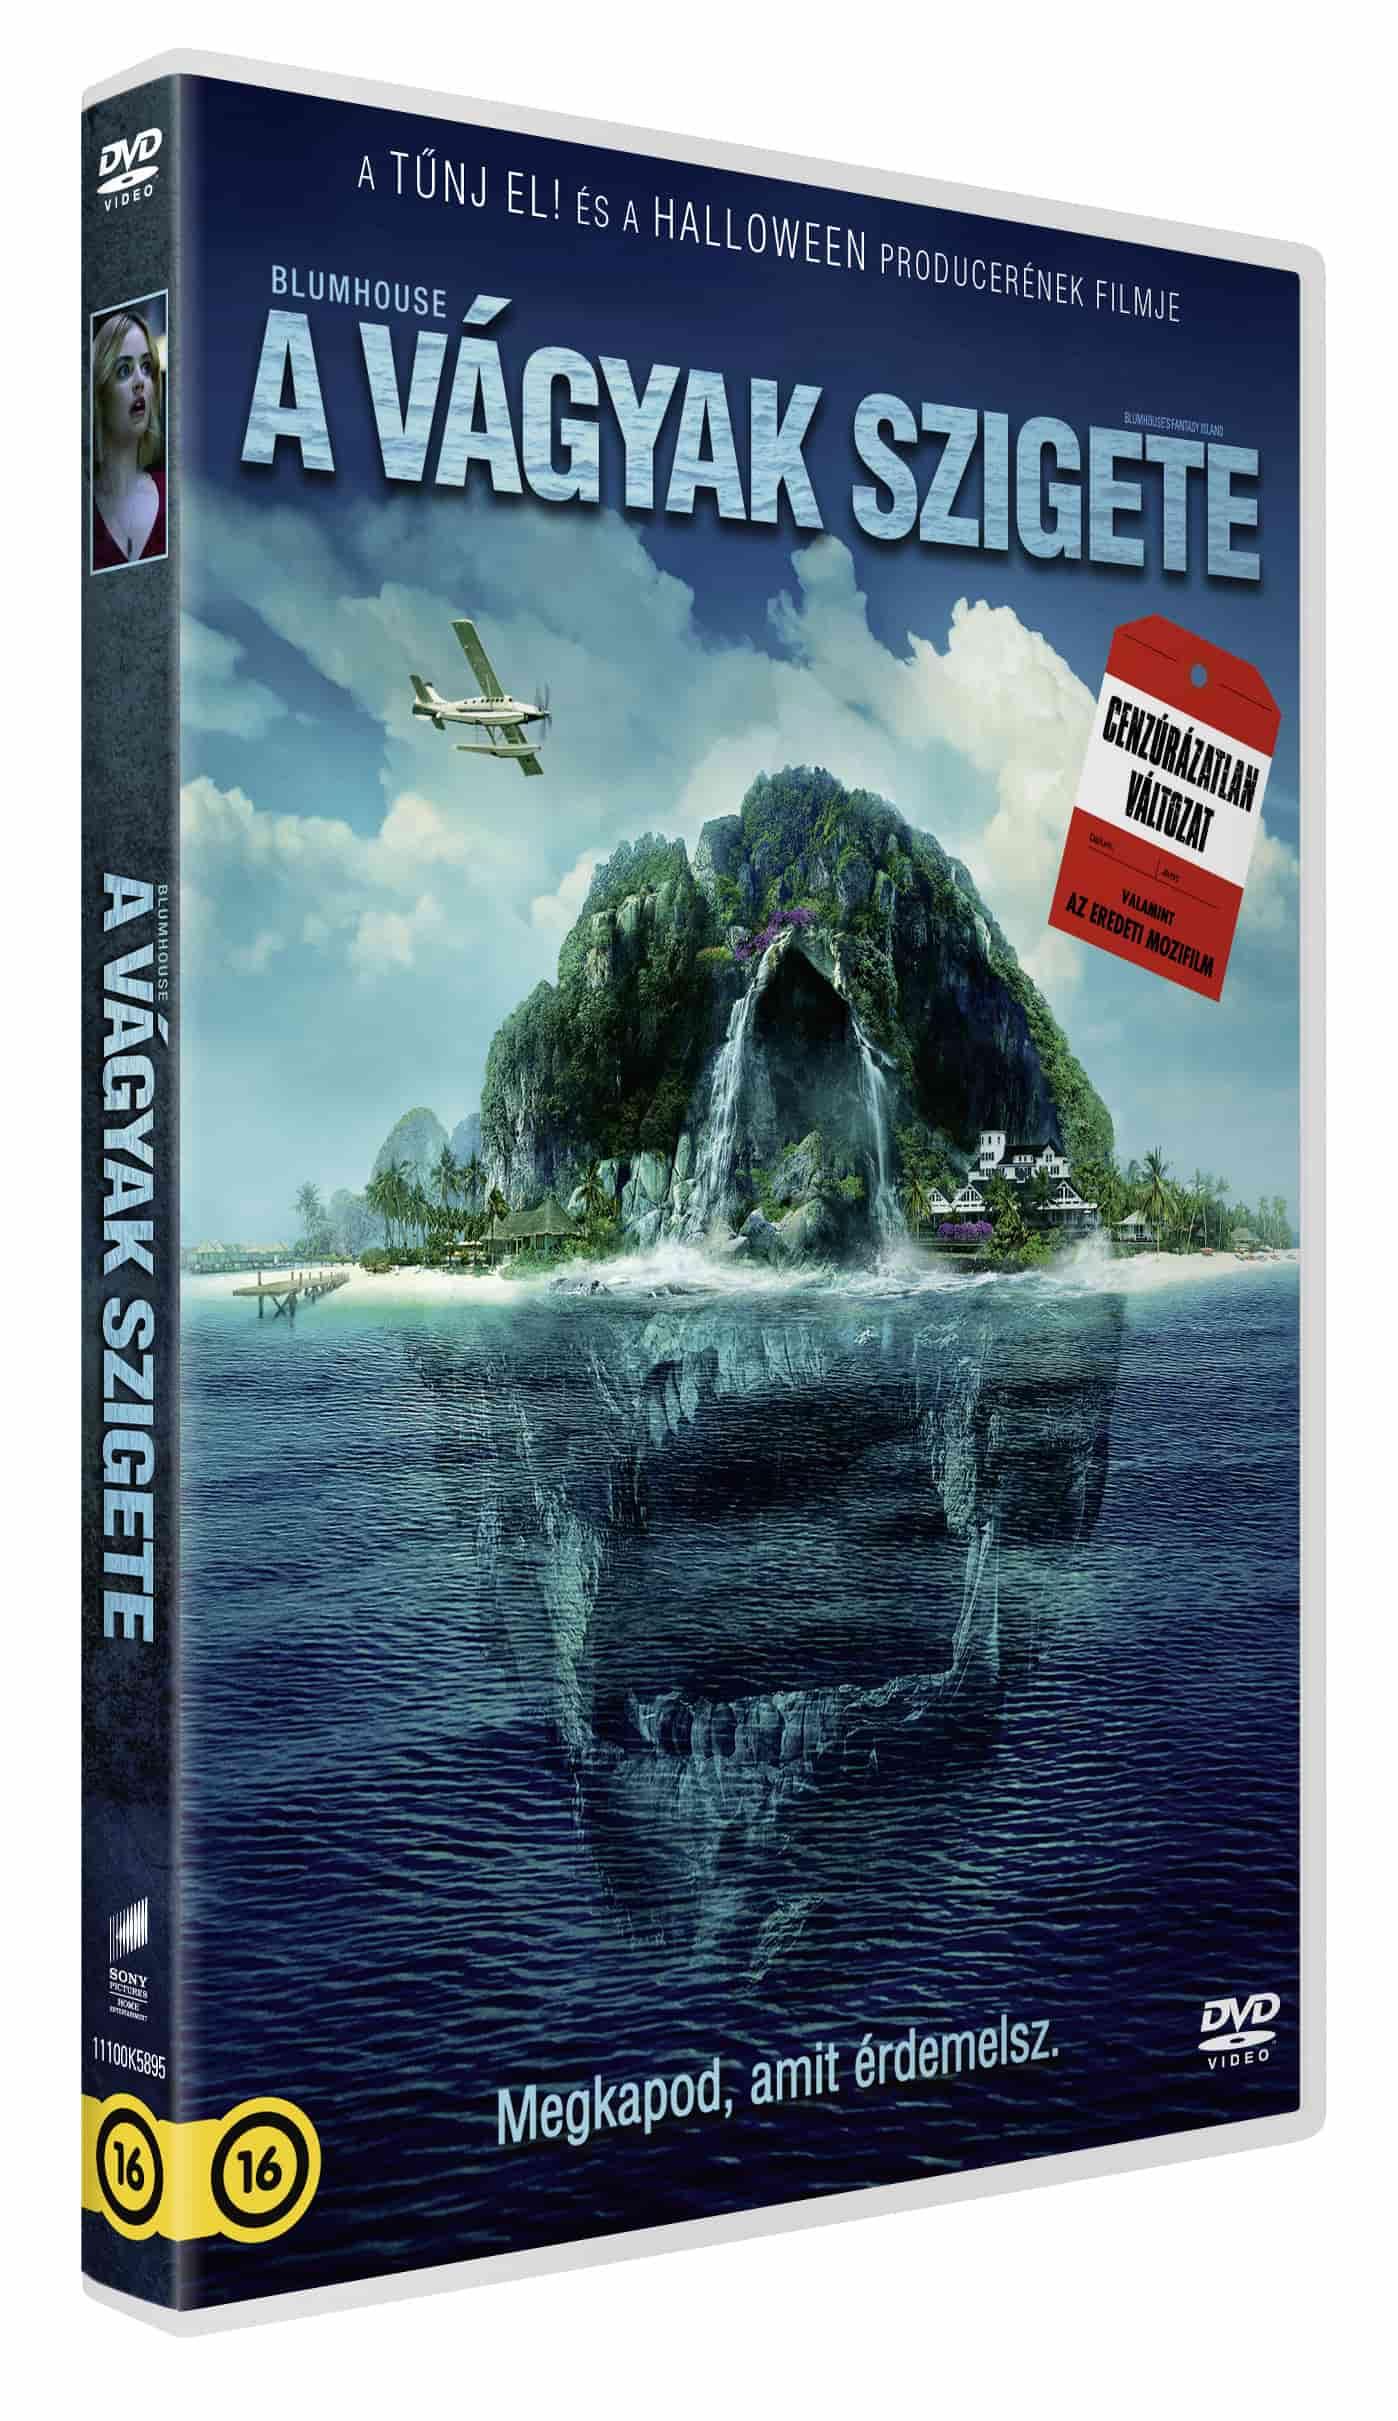 A vágyak szigete (mozi- és cenzúrázatlan változat) - DVD